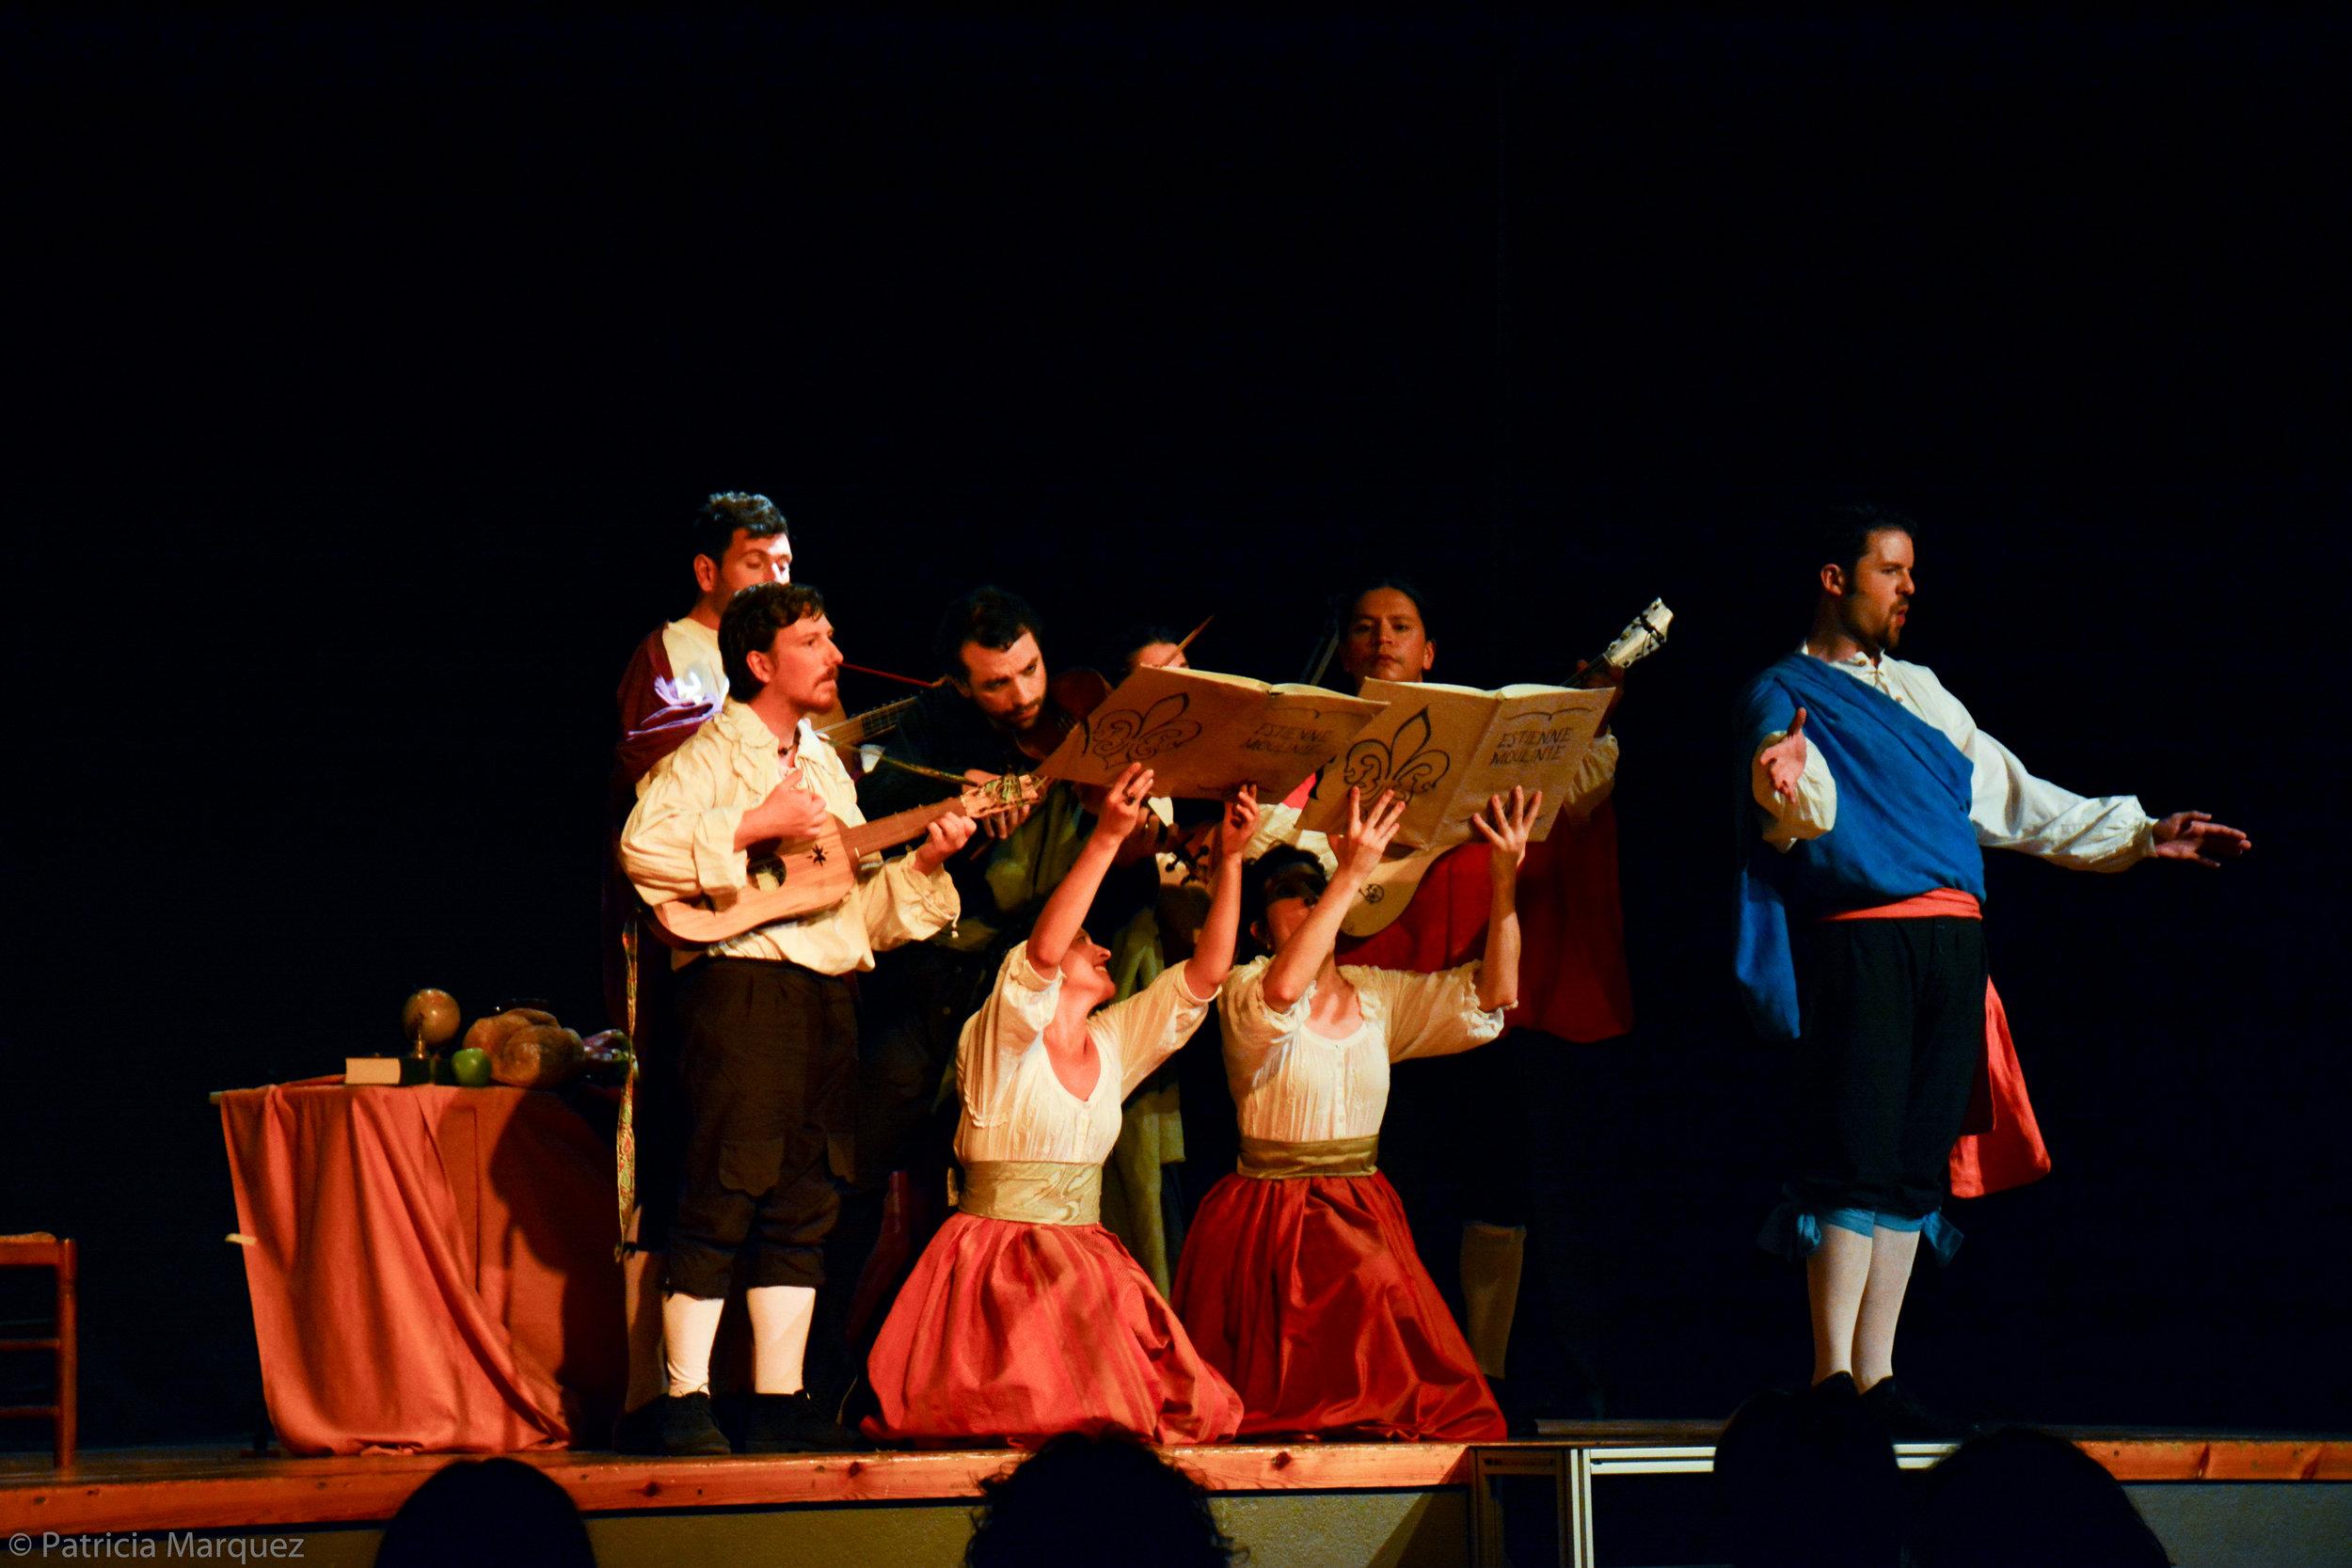 """As """"Don Luis"""" in the piece """"¡Todos se burlan de mí!"""" with Anaïs Oliveras (as Claraniña) and the ensemble La Sonorosa · Festival de Música Antiga dels Pirineus, Aviá, 2017 © Patricia Márquez"""